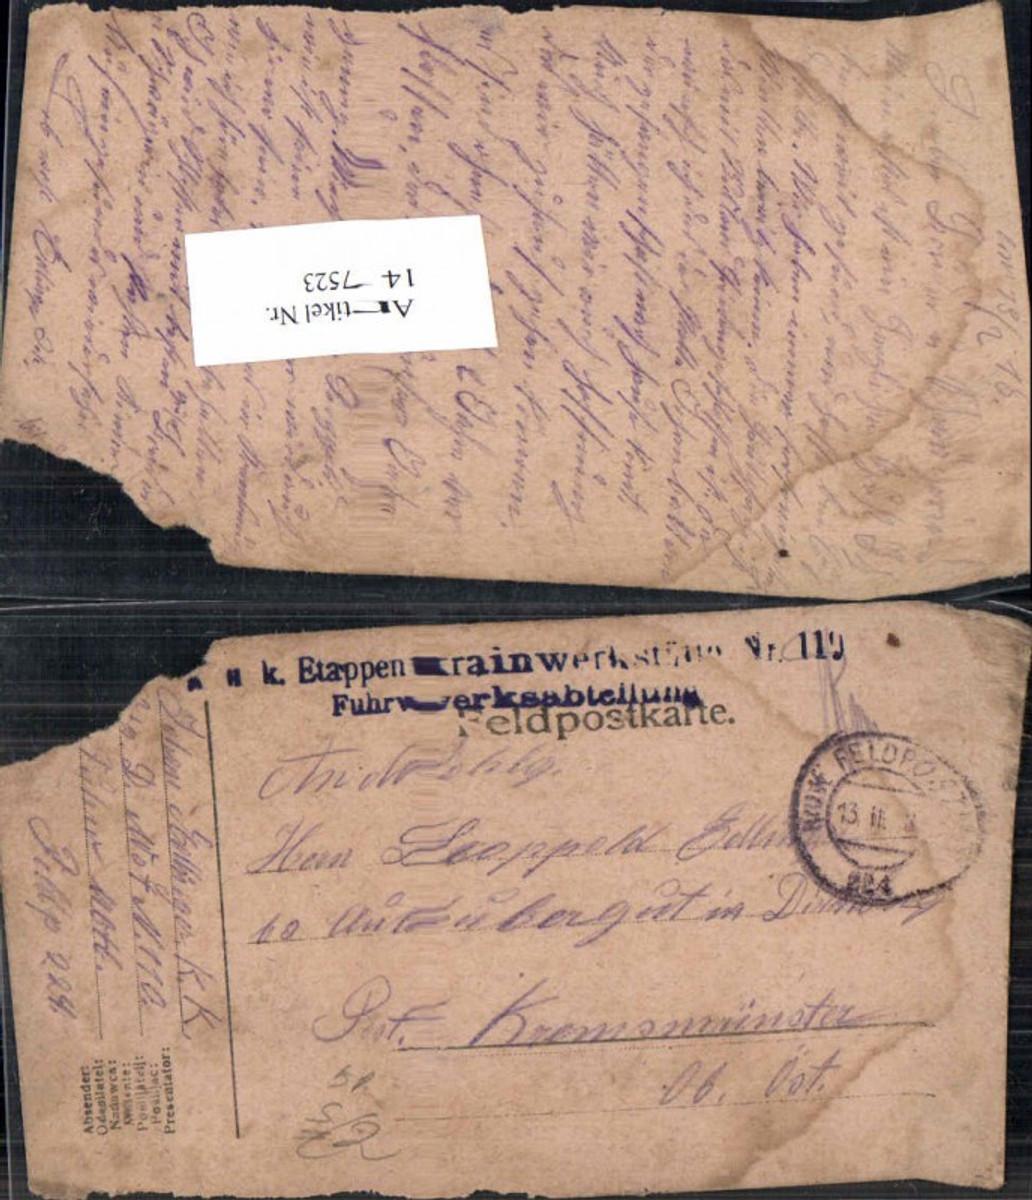 147523,K.K. Feldpost 224 Etappentrainwerkstätte 110 Fuhrwerksabteilung n. Kremsmünster  günstig online kaufen